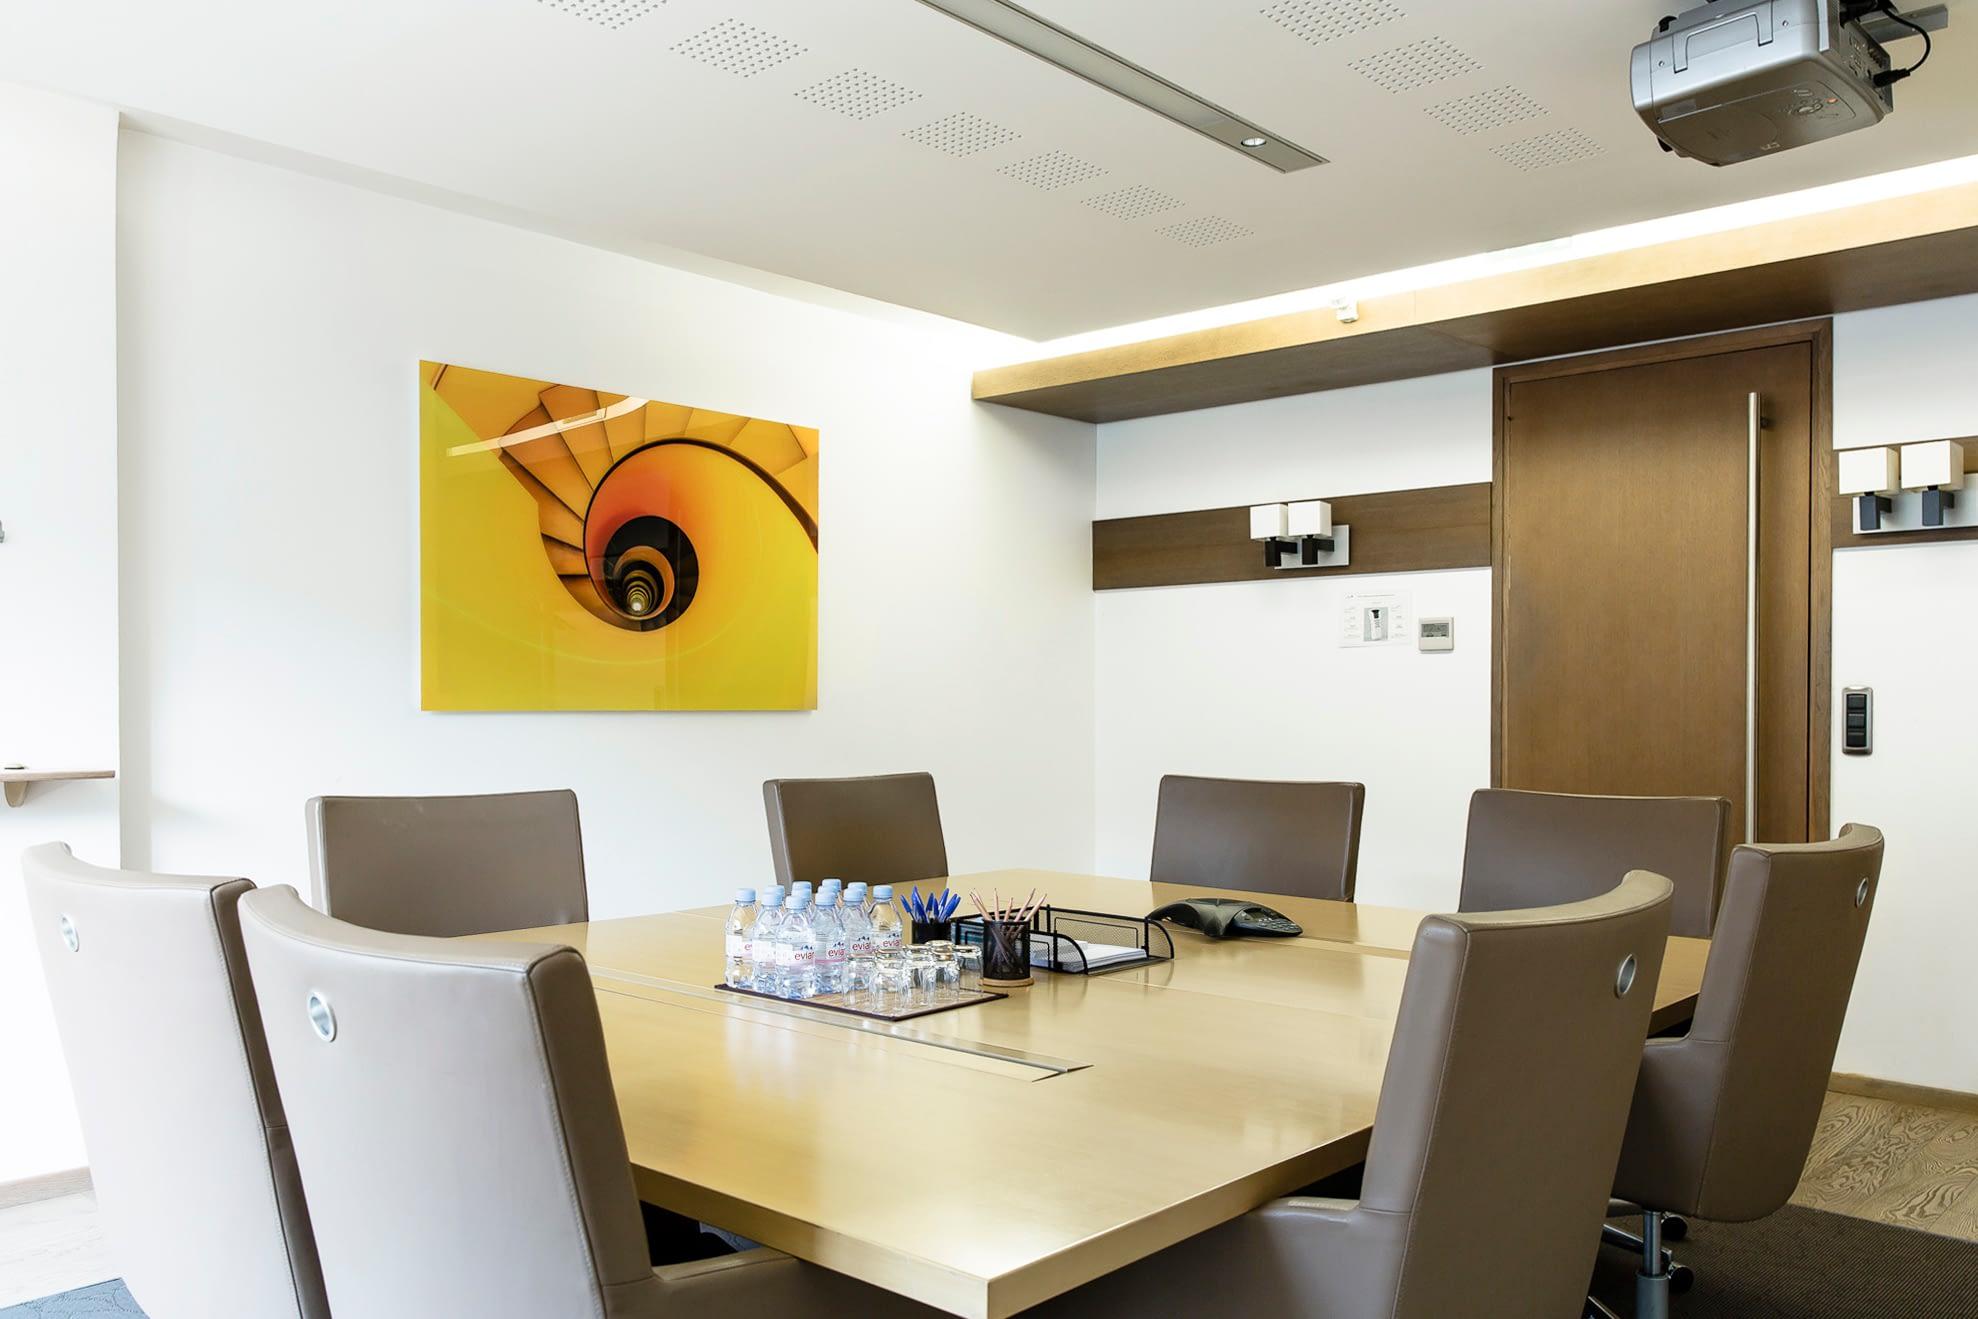 Vente et installation de photographies d'art Pixopolitan pour le cabinet d'avocats Scotto et Associés